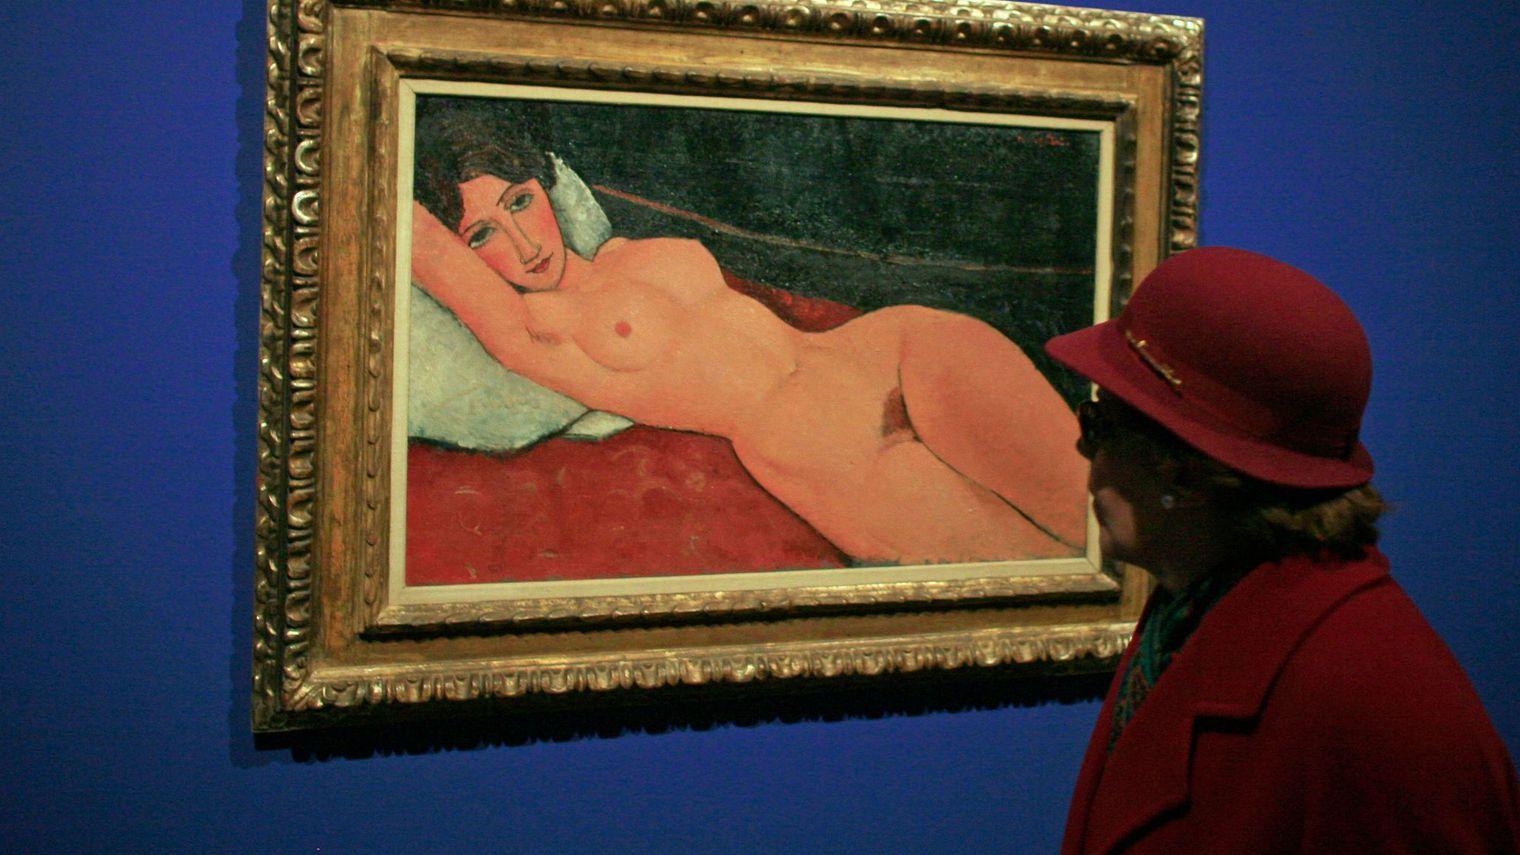 Nudité entre omniprésence et tabou